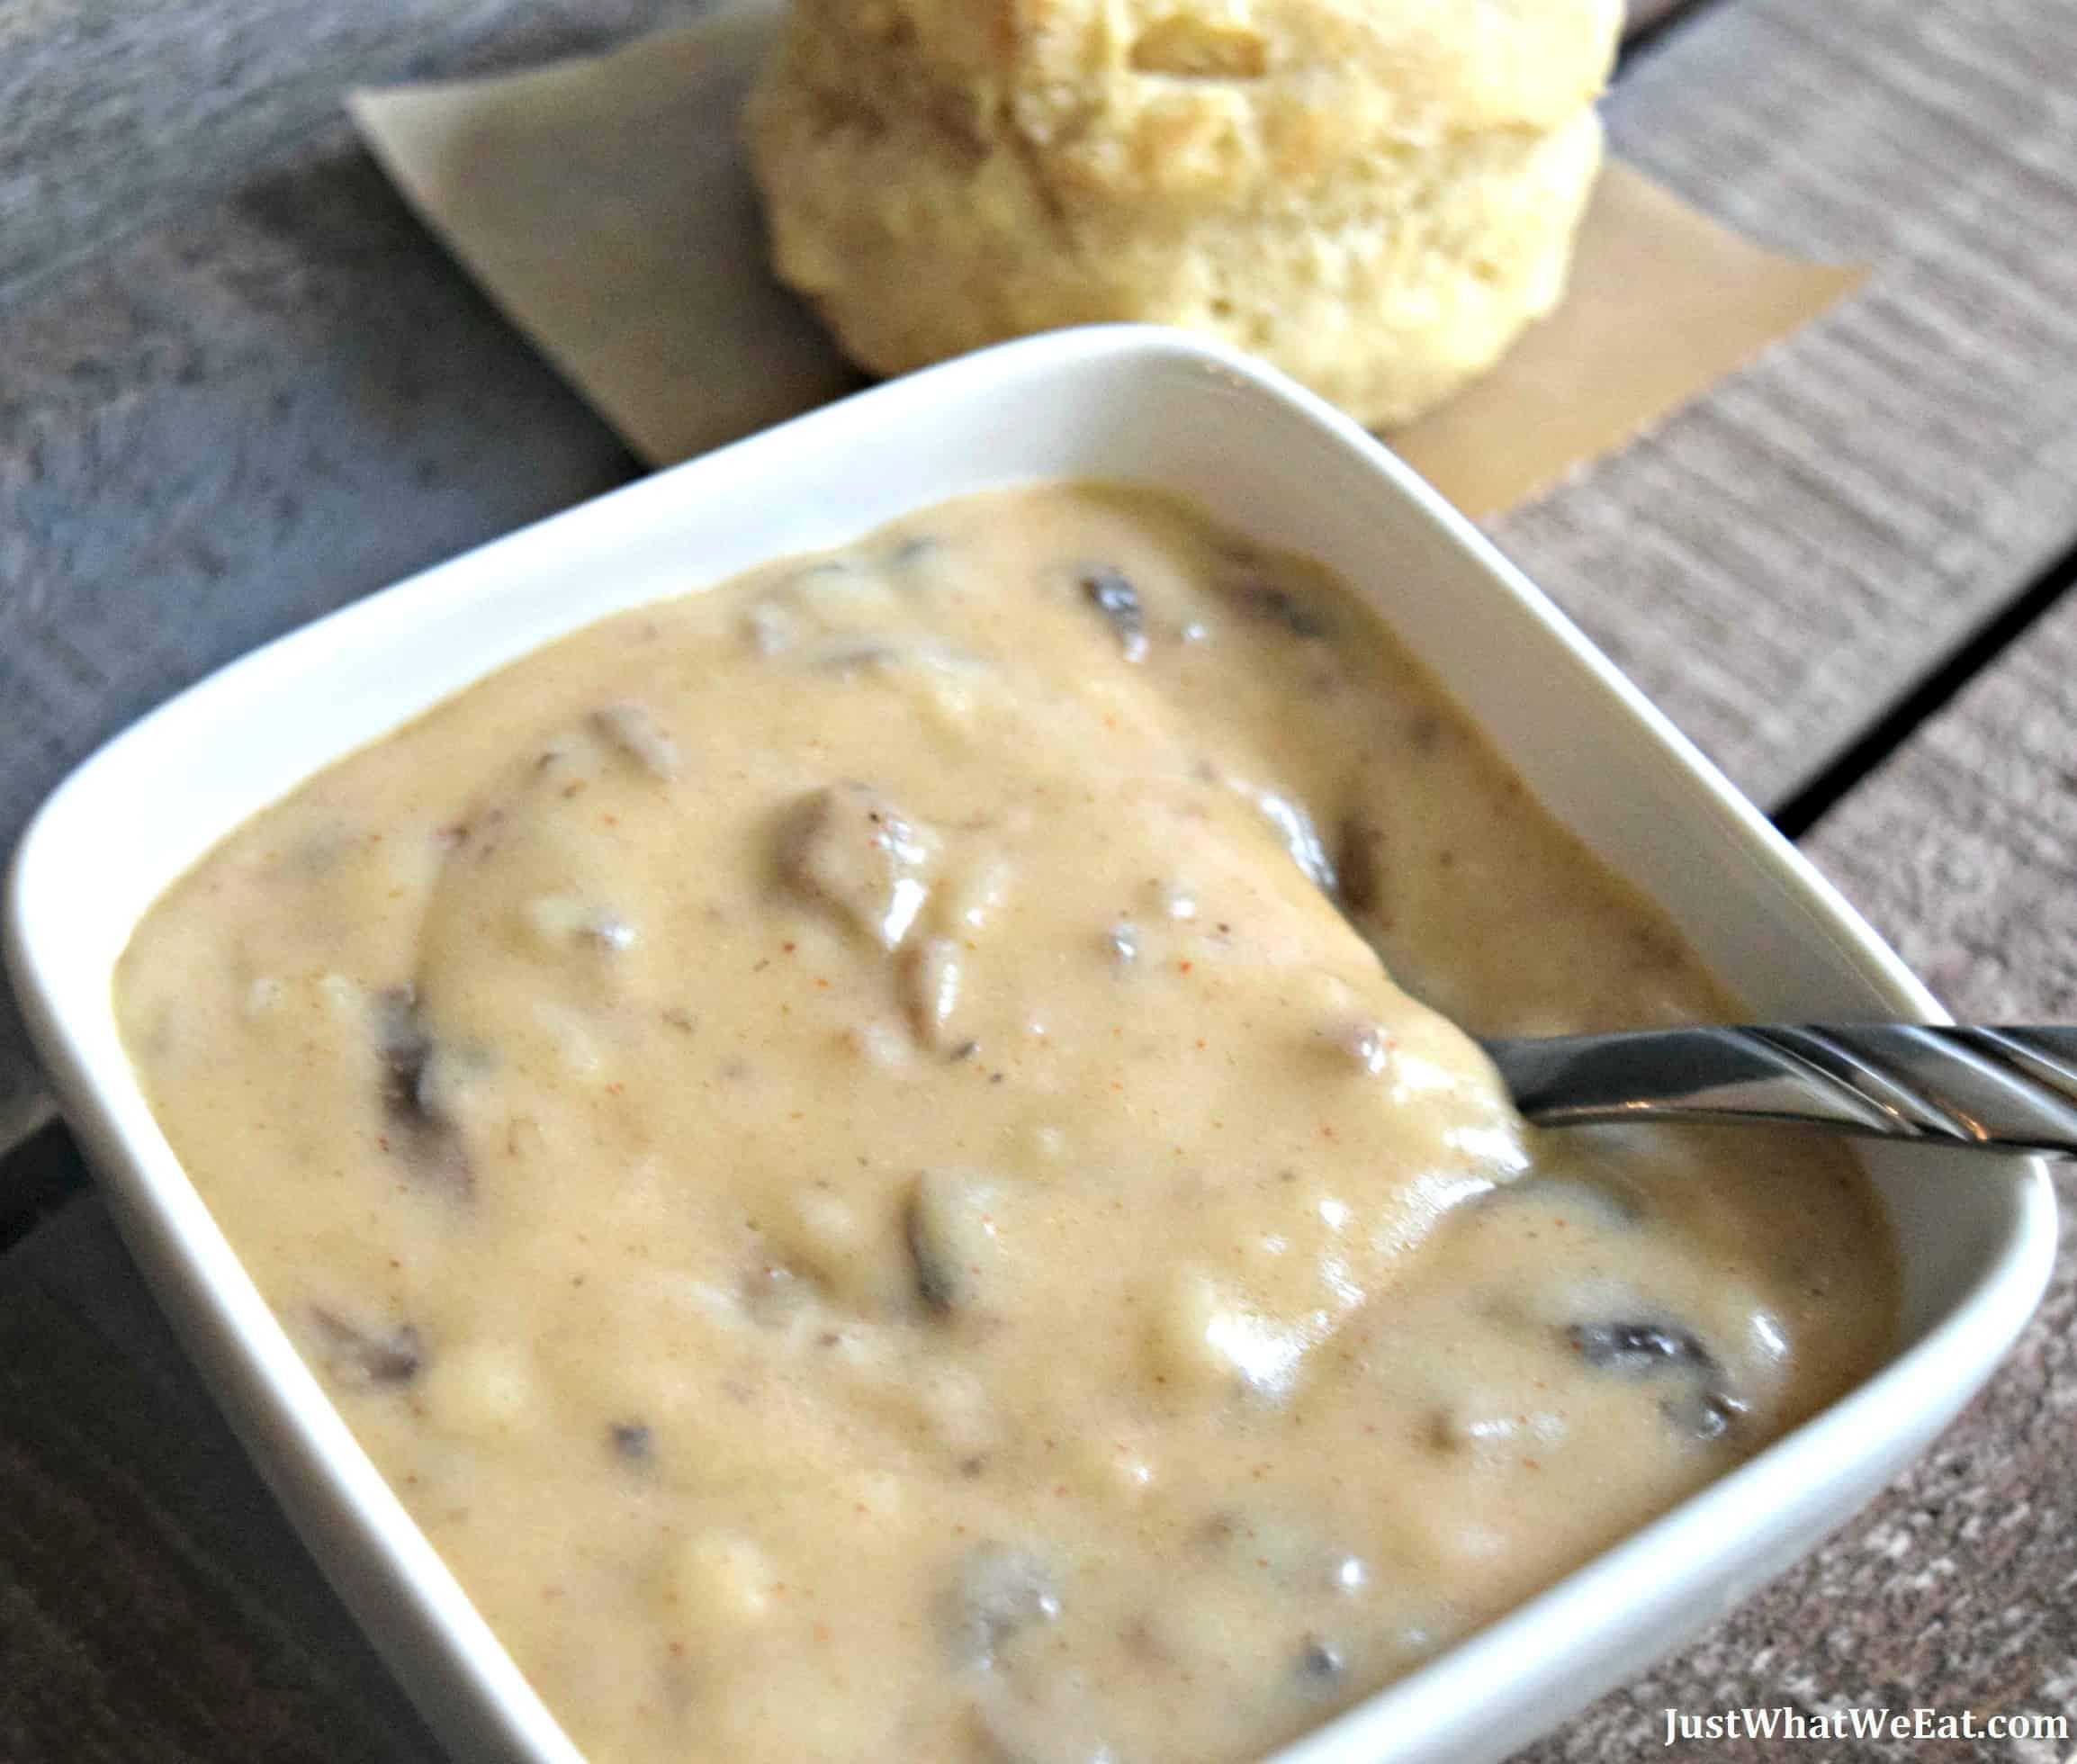 Biscuits & Gravy - Gluten Free & Vegan